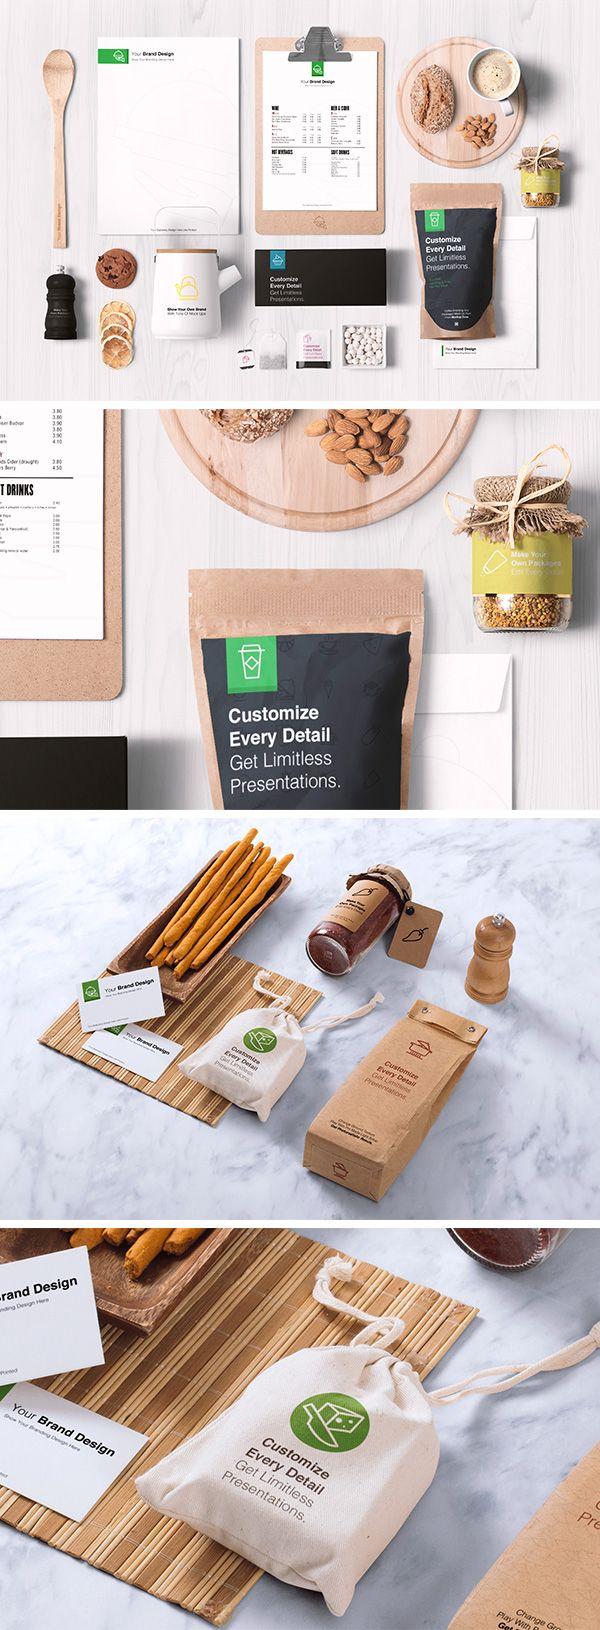 Free Food Packaging Branding Psd Mockups Age Themes Food Mockup Branding Mockups Food Branding